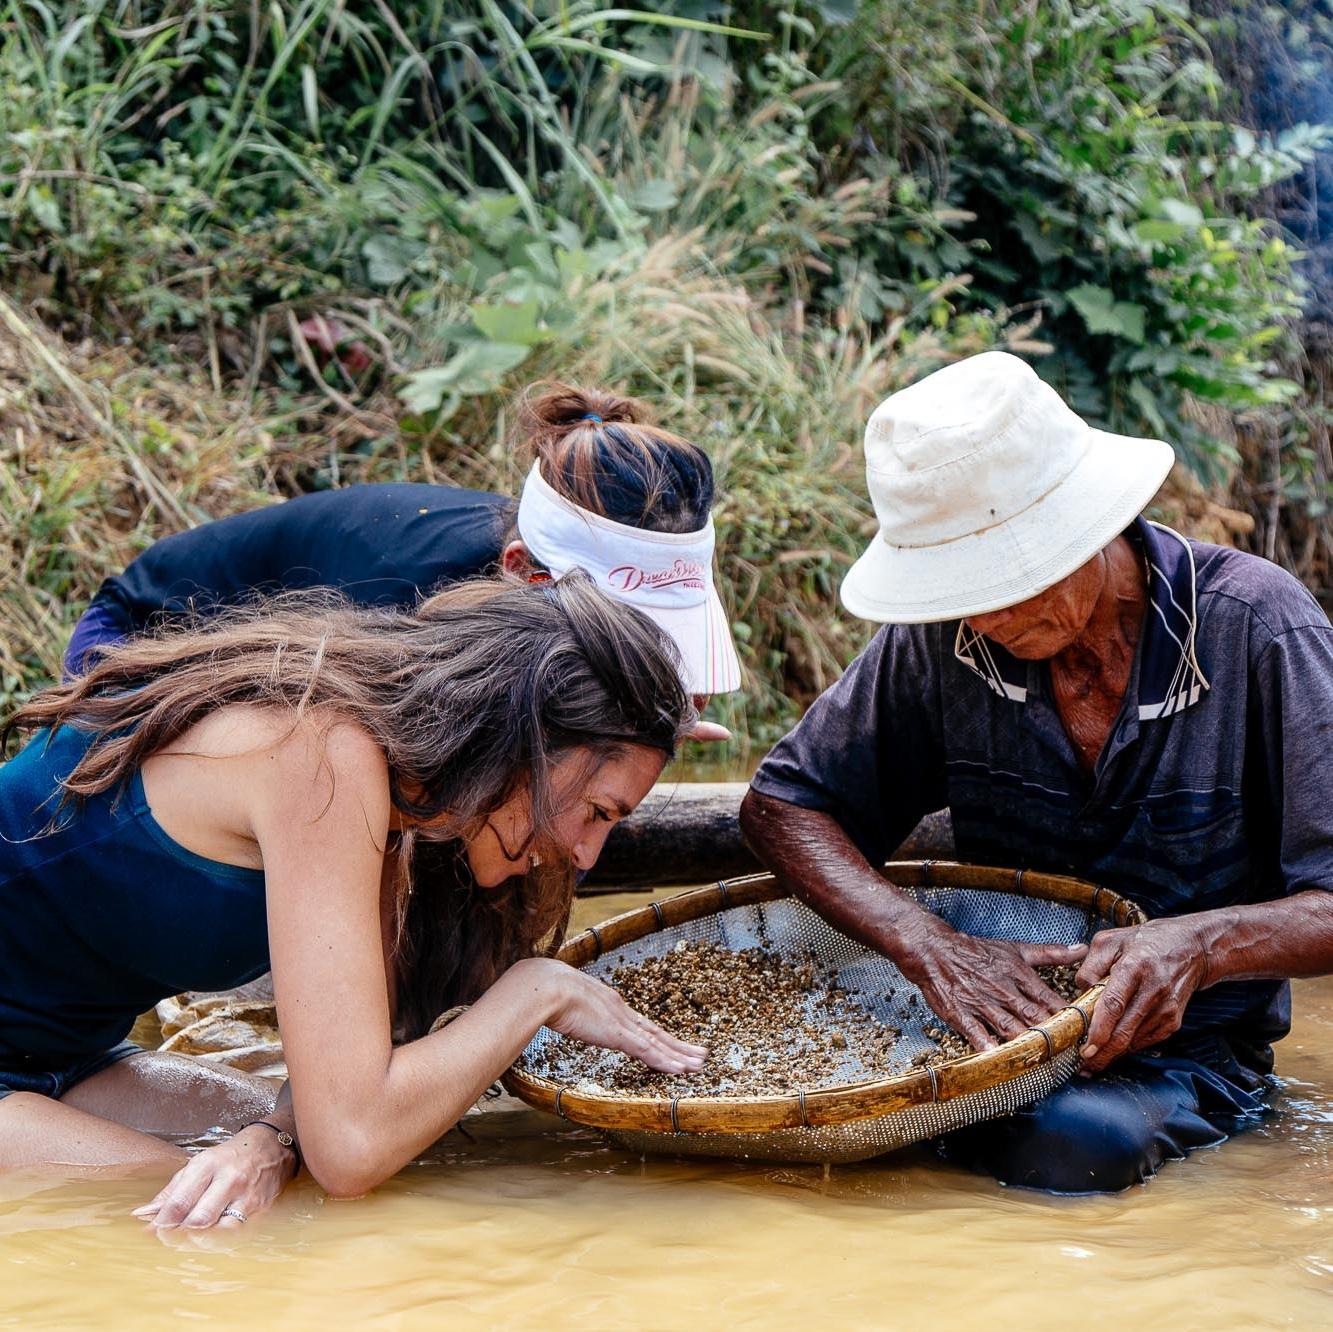 Rencontre avec Nasoha - Chloe Sarasola, fondatrice de la marque Nasoha, « chasse » les plus belles pierres à travers le monde pour les rendre accessibles au public.Elle allie le monde physique et le monde métaphysique pour transmettre le message des merveilles de la Terre.